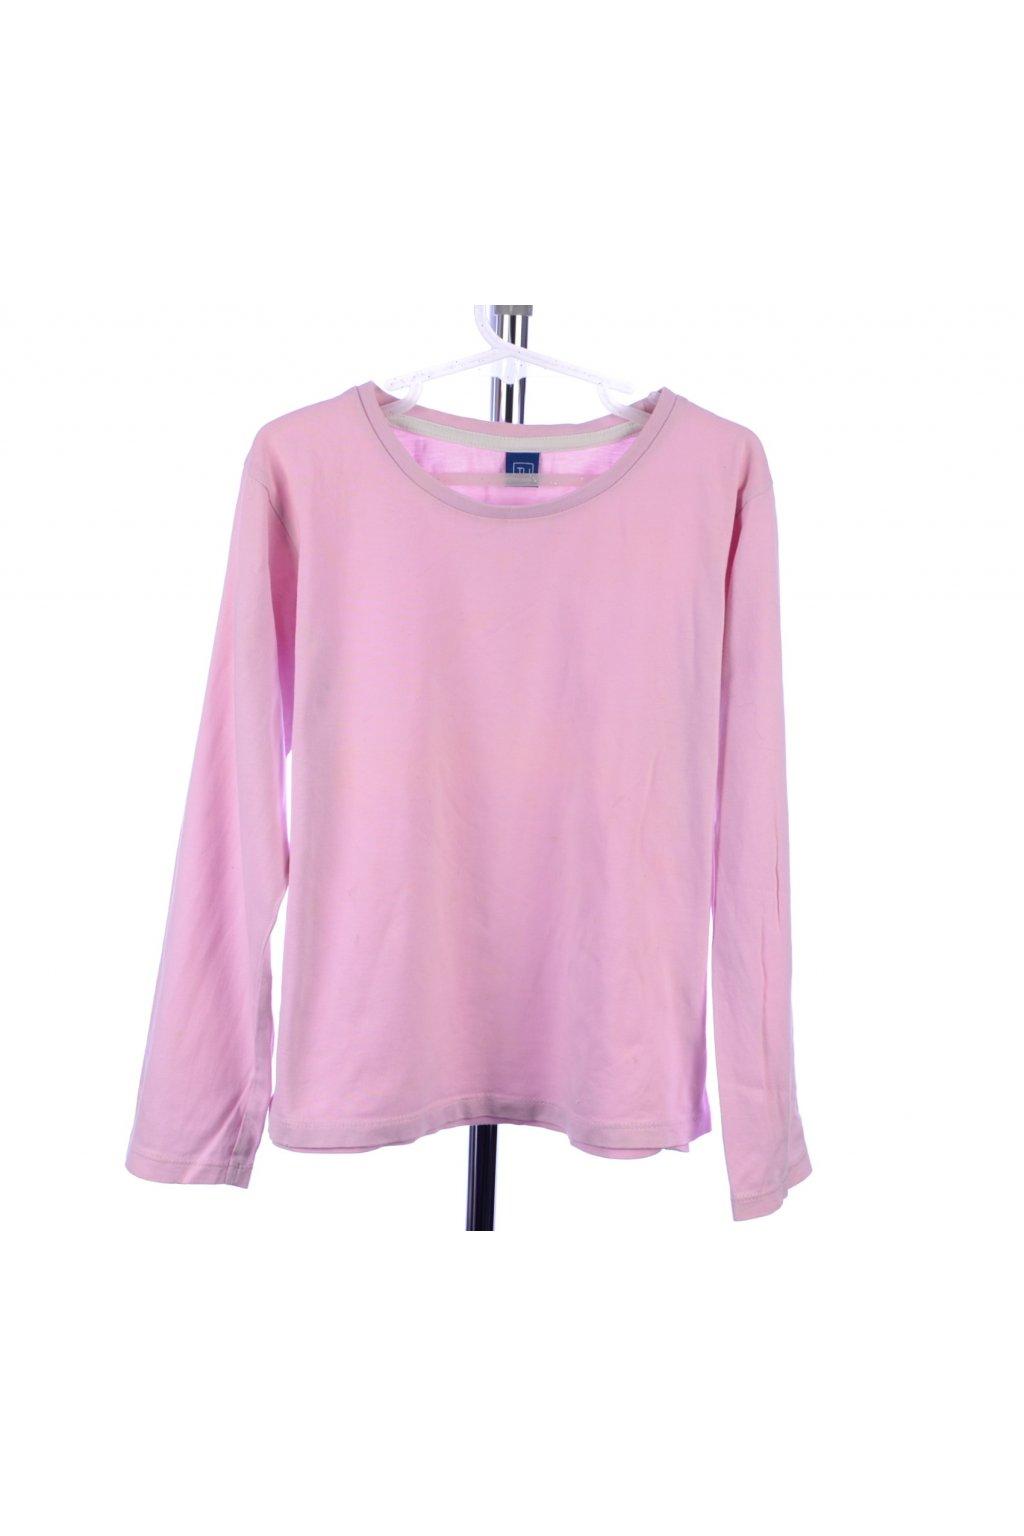 Tričko Tu 8-9/134 růžové dlouhý rukáv